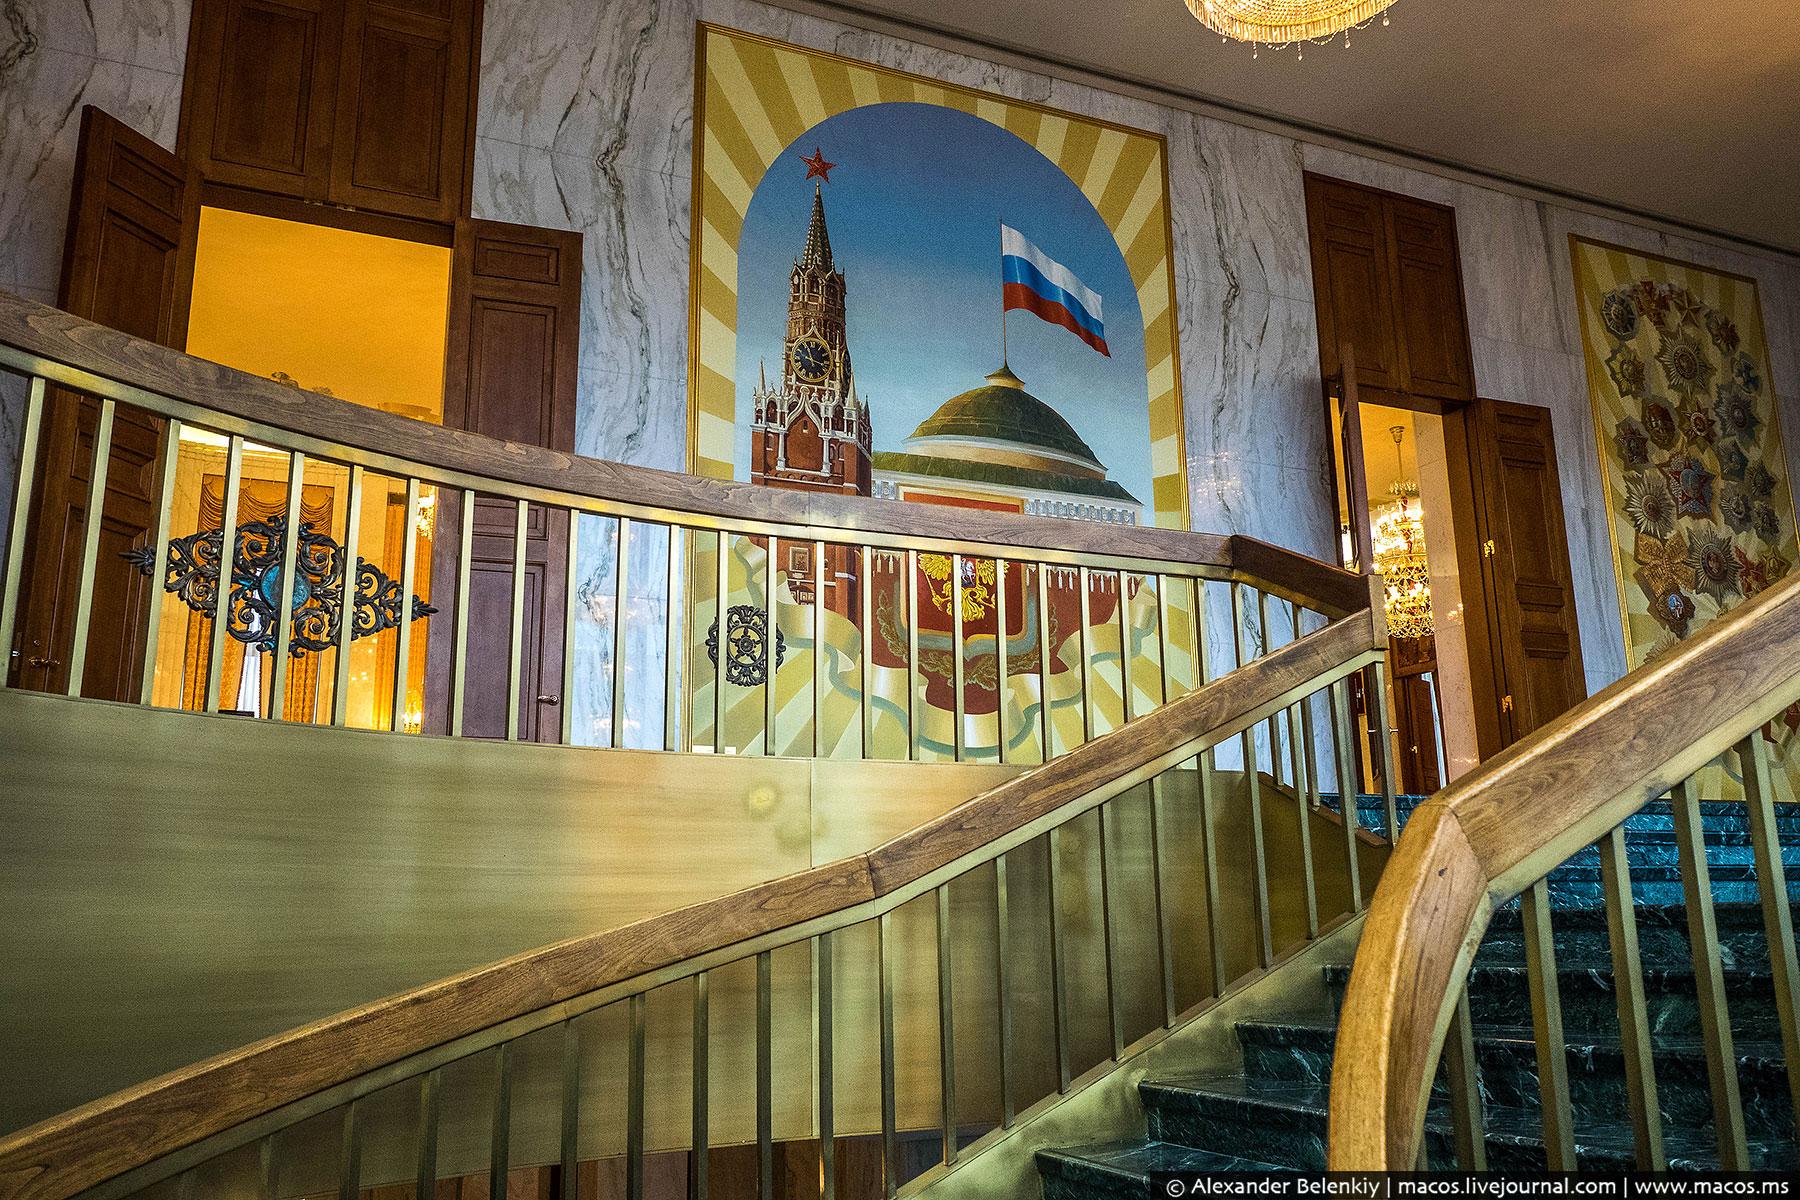 Мраморная лестница ведет на второй этаж, где и скрывается вся главная красота. Нас встречает панно с